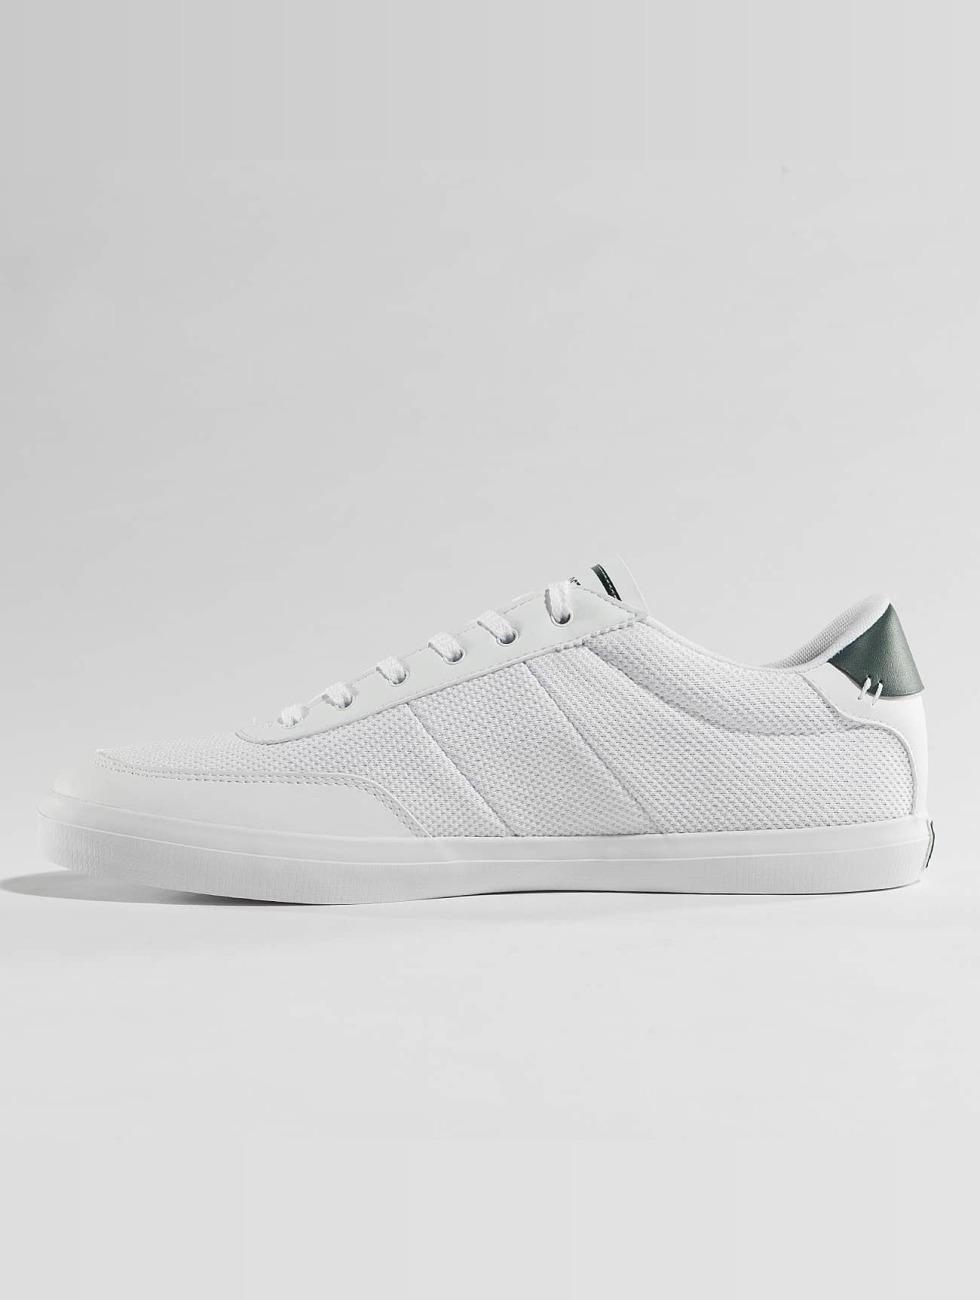 Kopen Goedkope Geniue Leverancier Verkoop Browse Lacoste schoen / sneaker Court-Master in wit 423741 Goedkope Koop Laagste Prijs Nv8u2tU